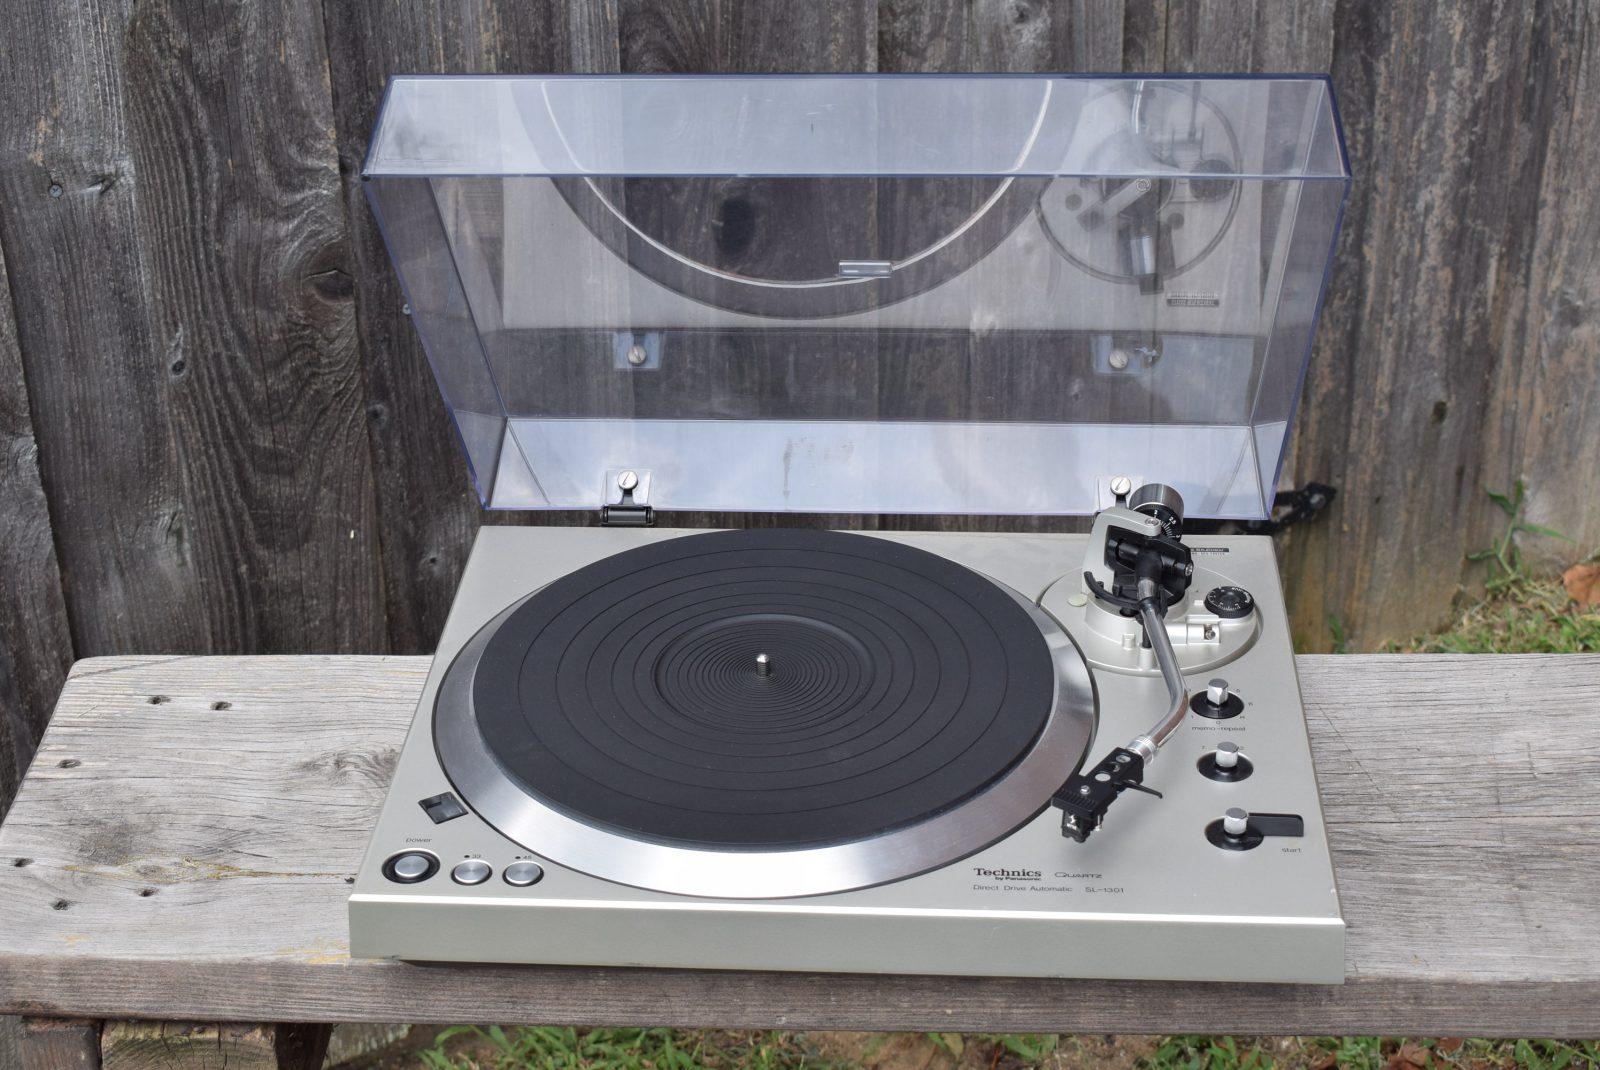 Technics Turntable - Model: SL-1301